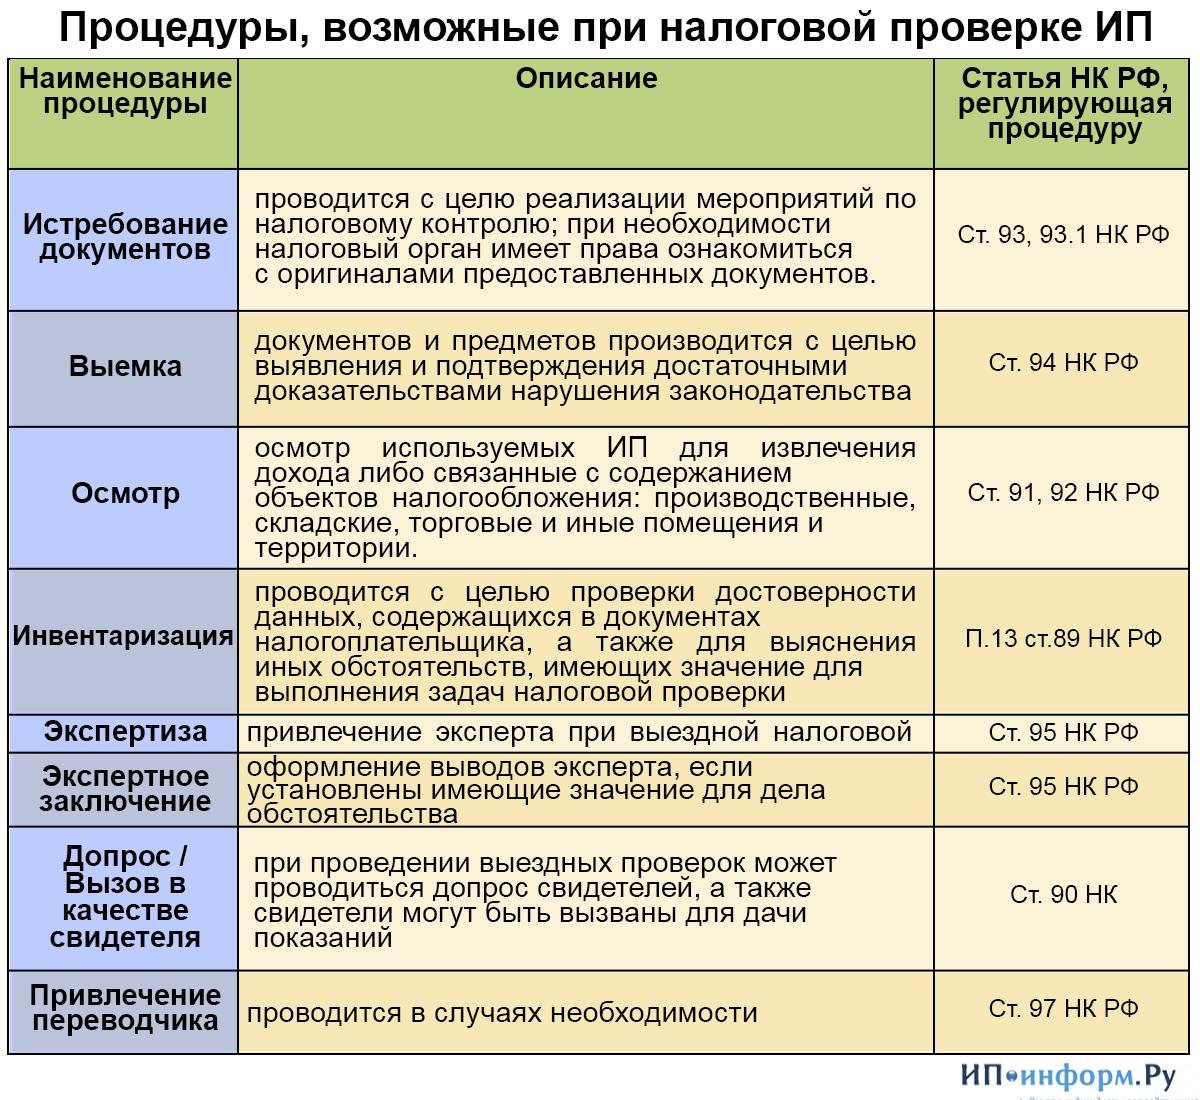 правила истребования документов при проведении налоговой проверки Если